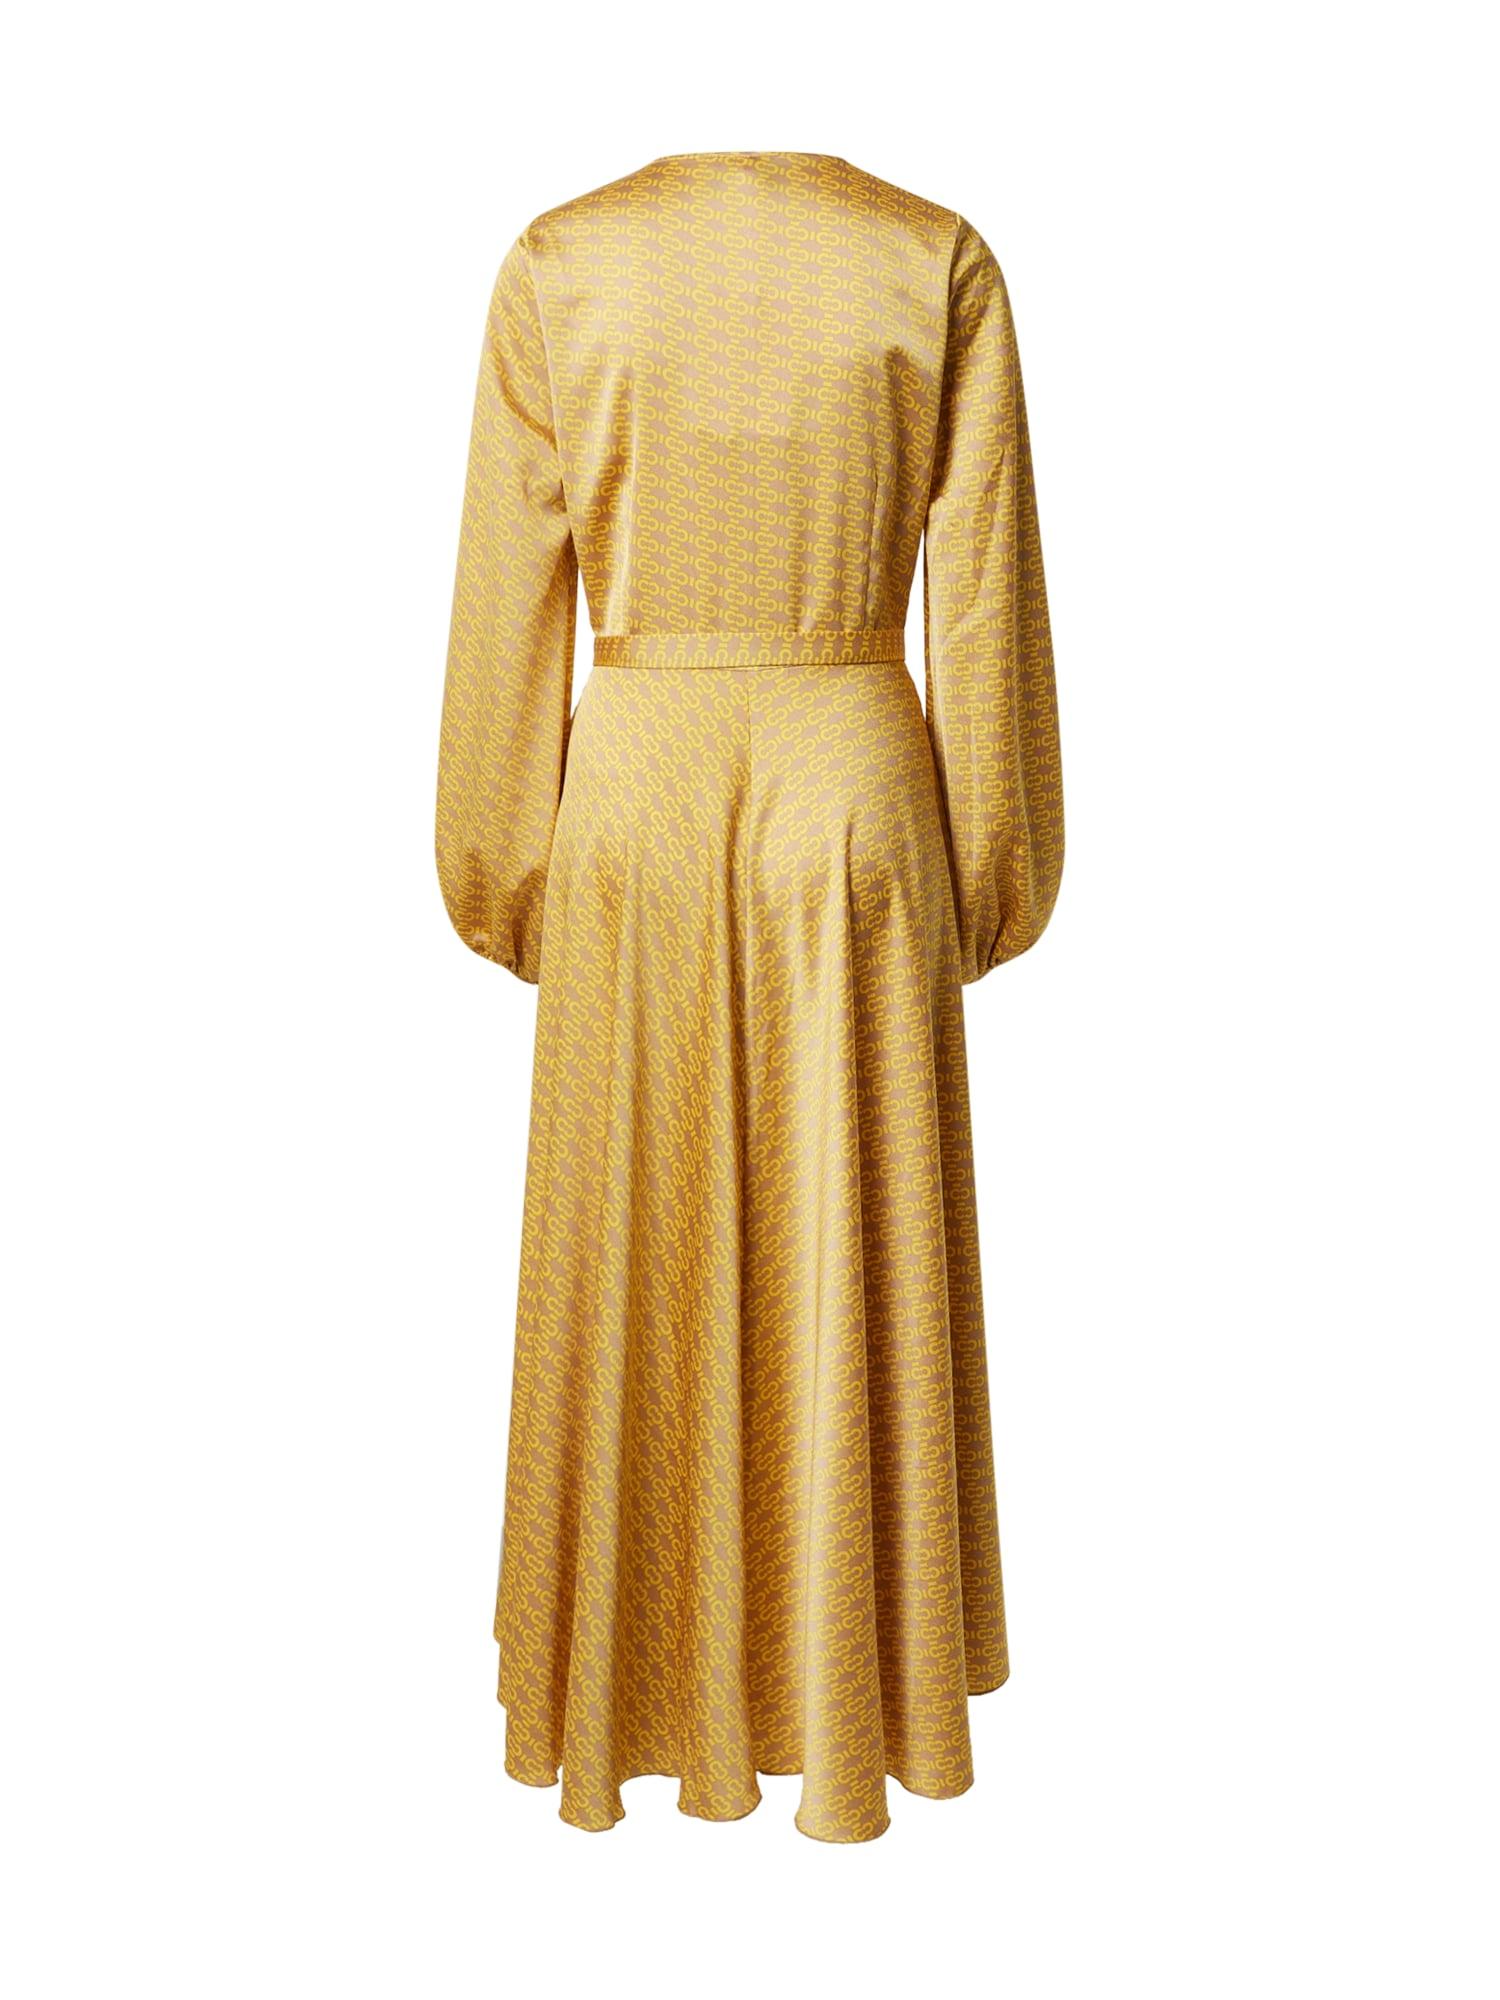 crās - Kleid 'iggycras maxi dress'